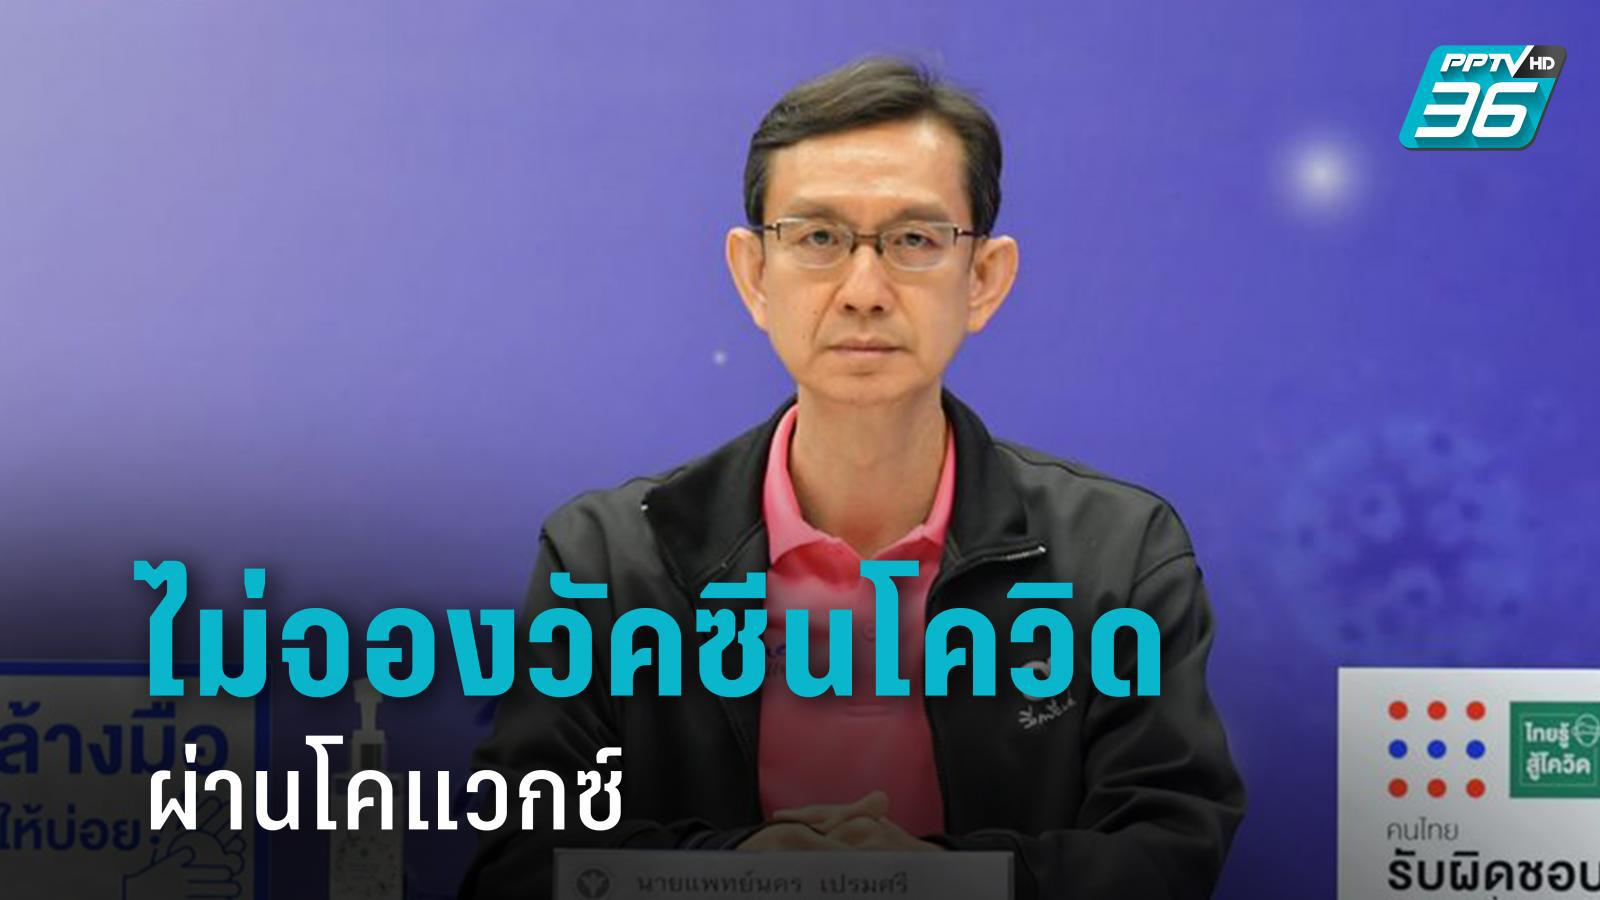 สถาบันวัคซีนแห่งชาติ แจงไทยไม่จองวัคซีนโควิด-19 ผ่านโคแวกซ์ เลือกผู้ผลิตไม่ได้ เสียเงินฟรี